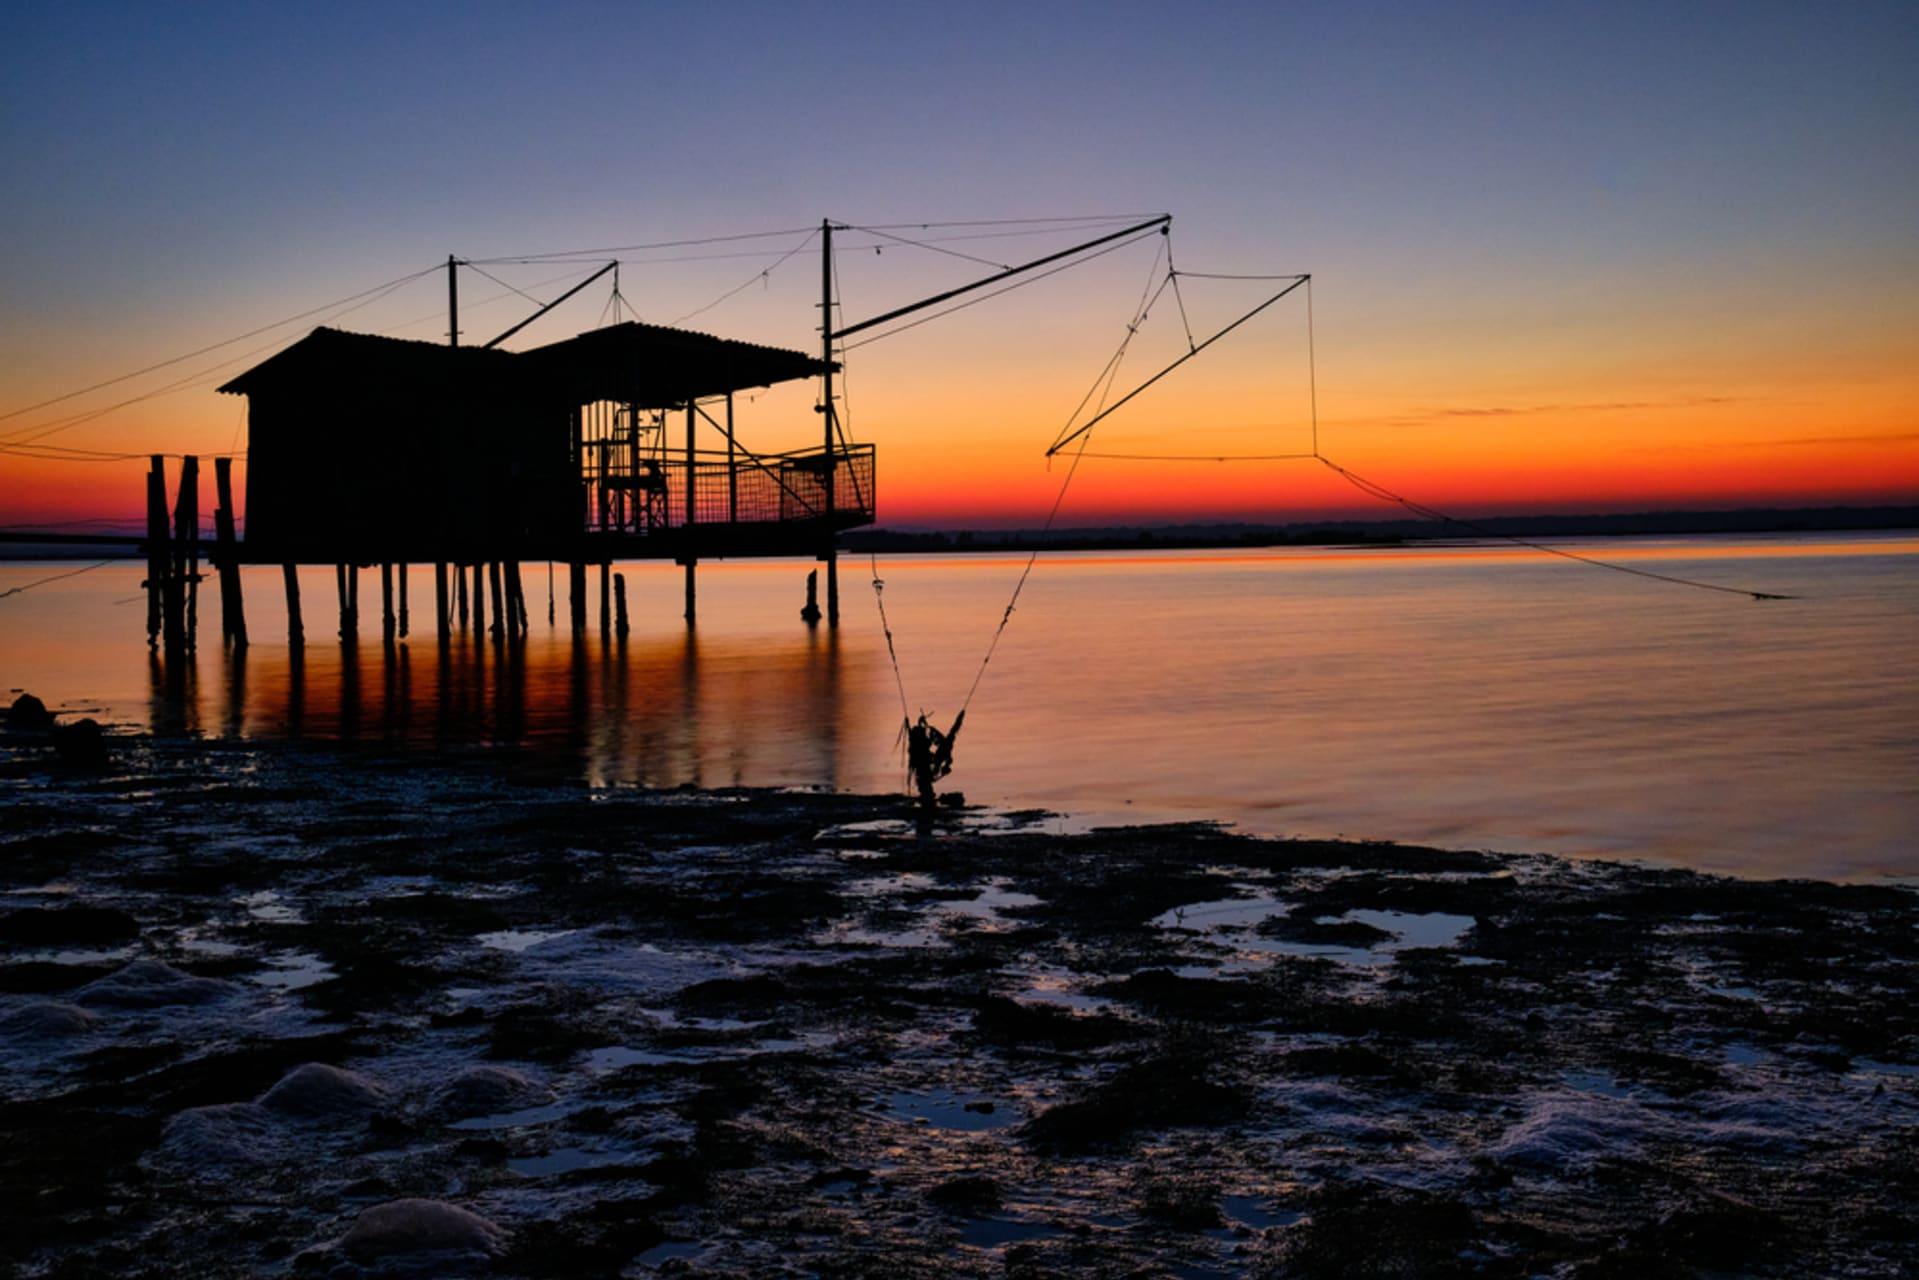 Ravenna - Sunset in Piallassa Baiona - Po Delta Regional Park